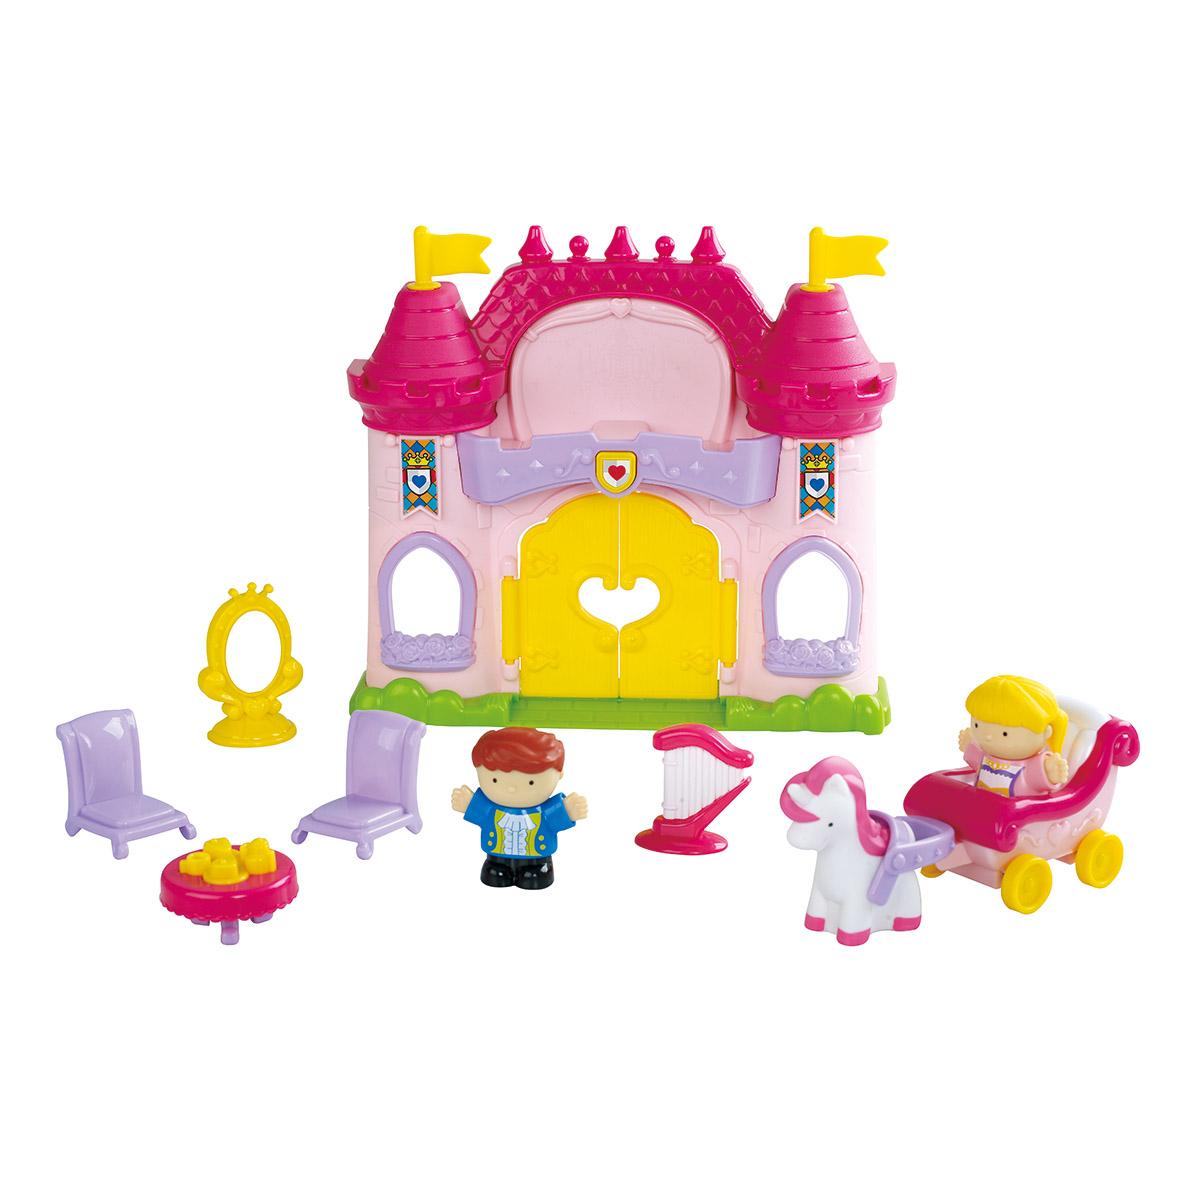 Игровой набор PLAYGO Сказочный замок игровой набор playgo транспортые игрушки в корзине